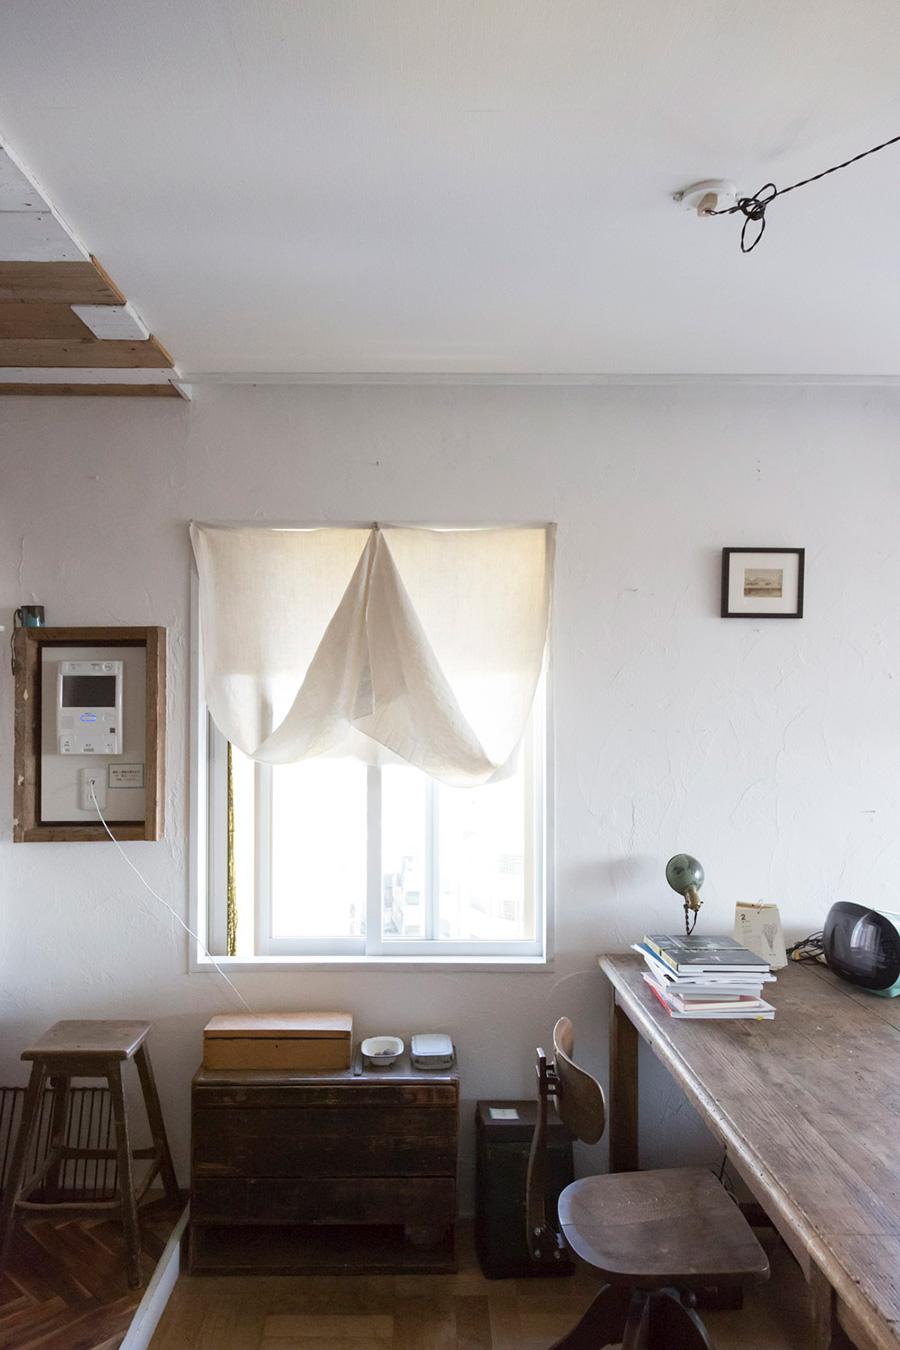 サッシの内側は色を白に塗り替えた。白いカーテンの裾の一箇所を上に留めて、表情のある窓を作る。